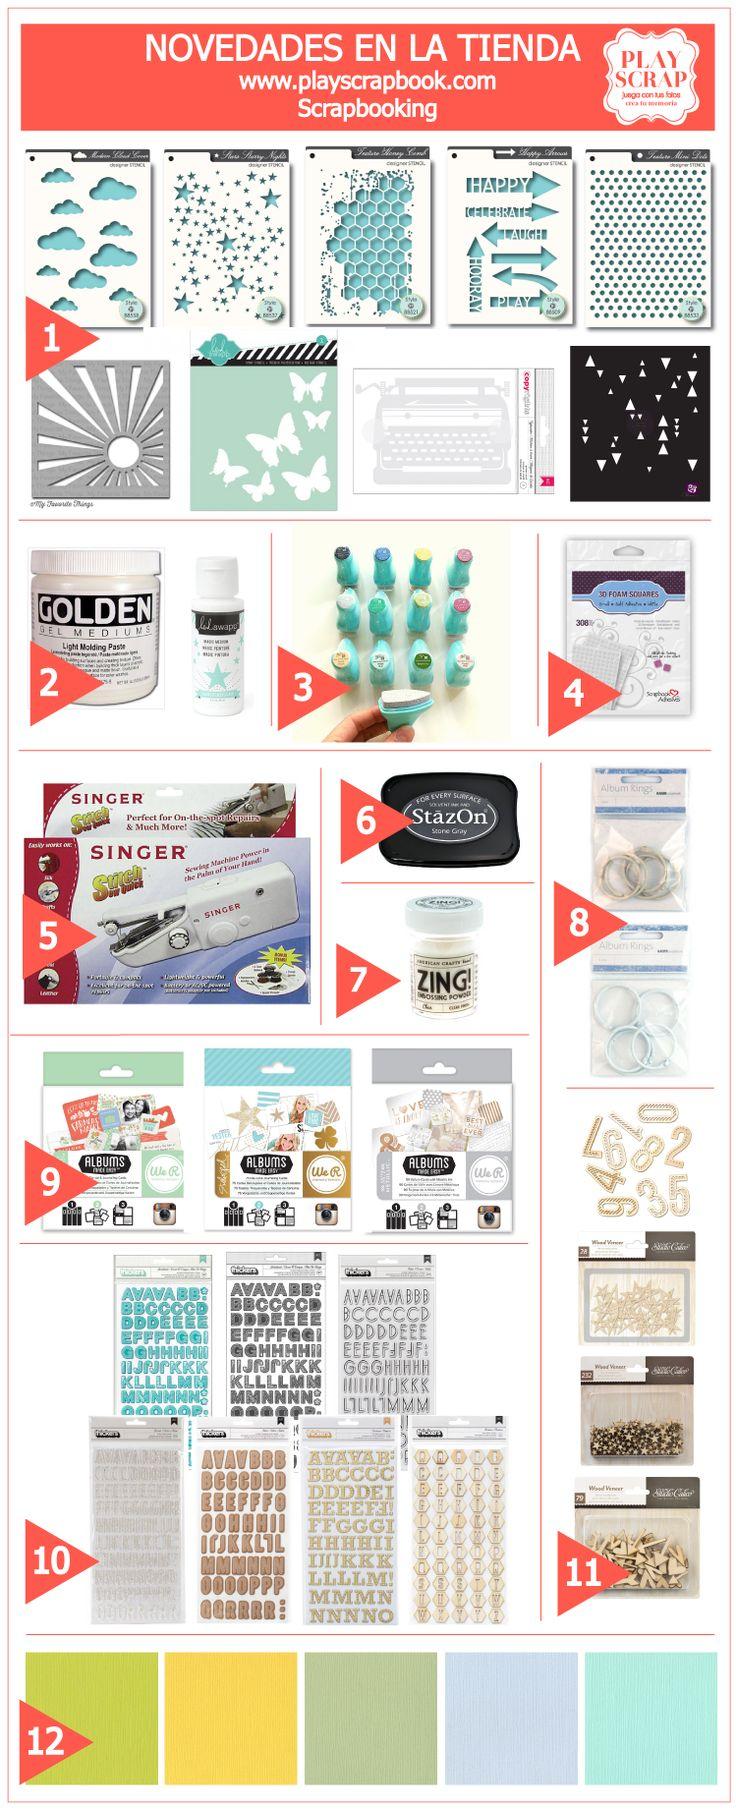 12 COSAS BONITAS QUE ENSEÑARTE – Novedades en nuestra tienda online www.playscrapbook.com #tiendaonlinescrapbooking #scrapbooking #playscrap